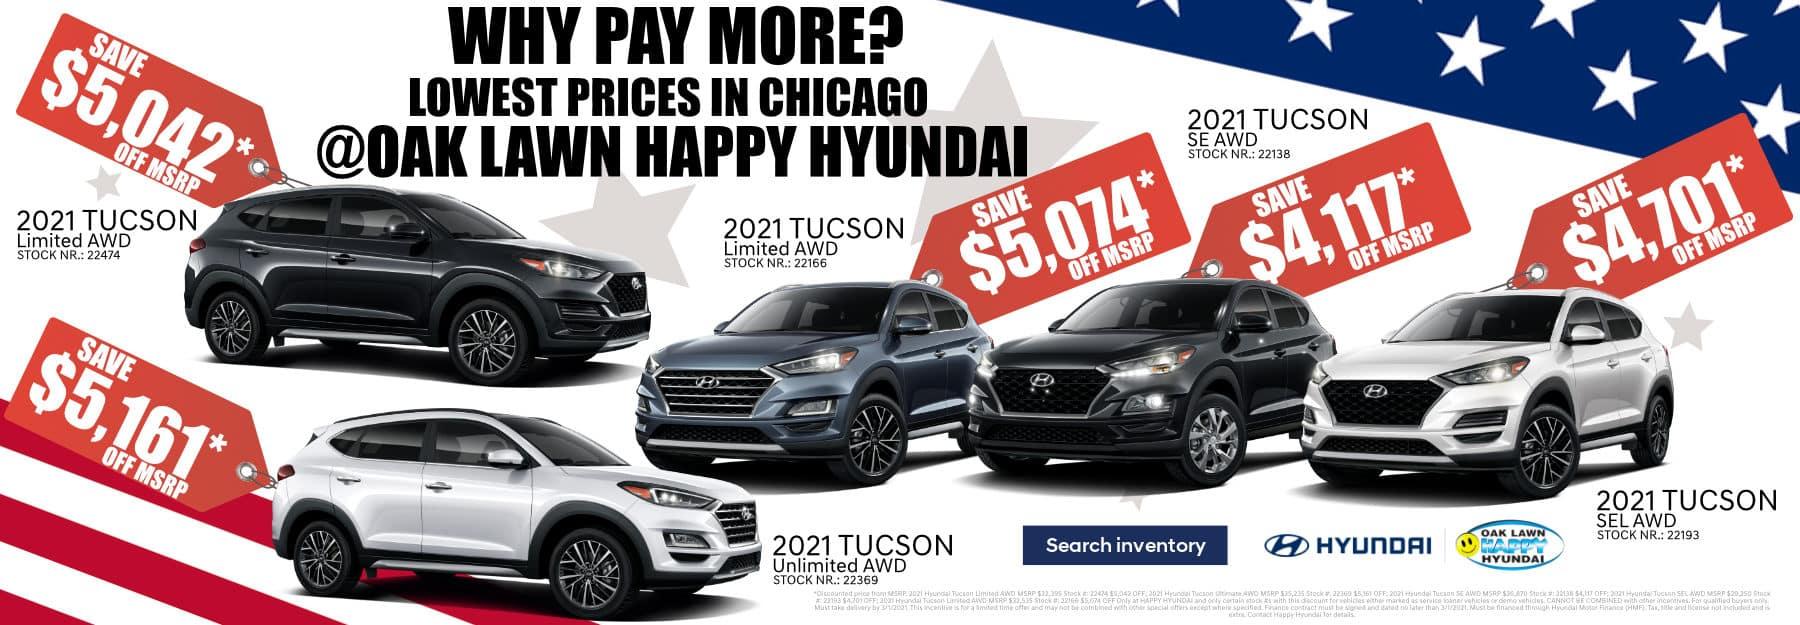 R_February_2021_TUcson 5 Offer_Happy Hyundai